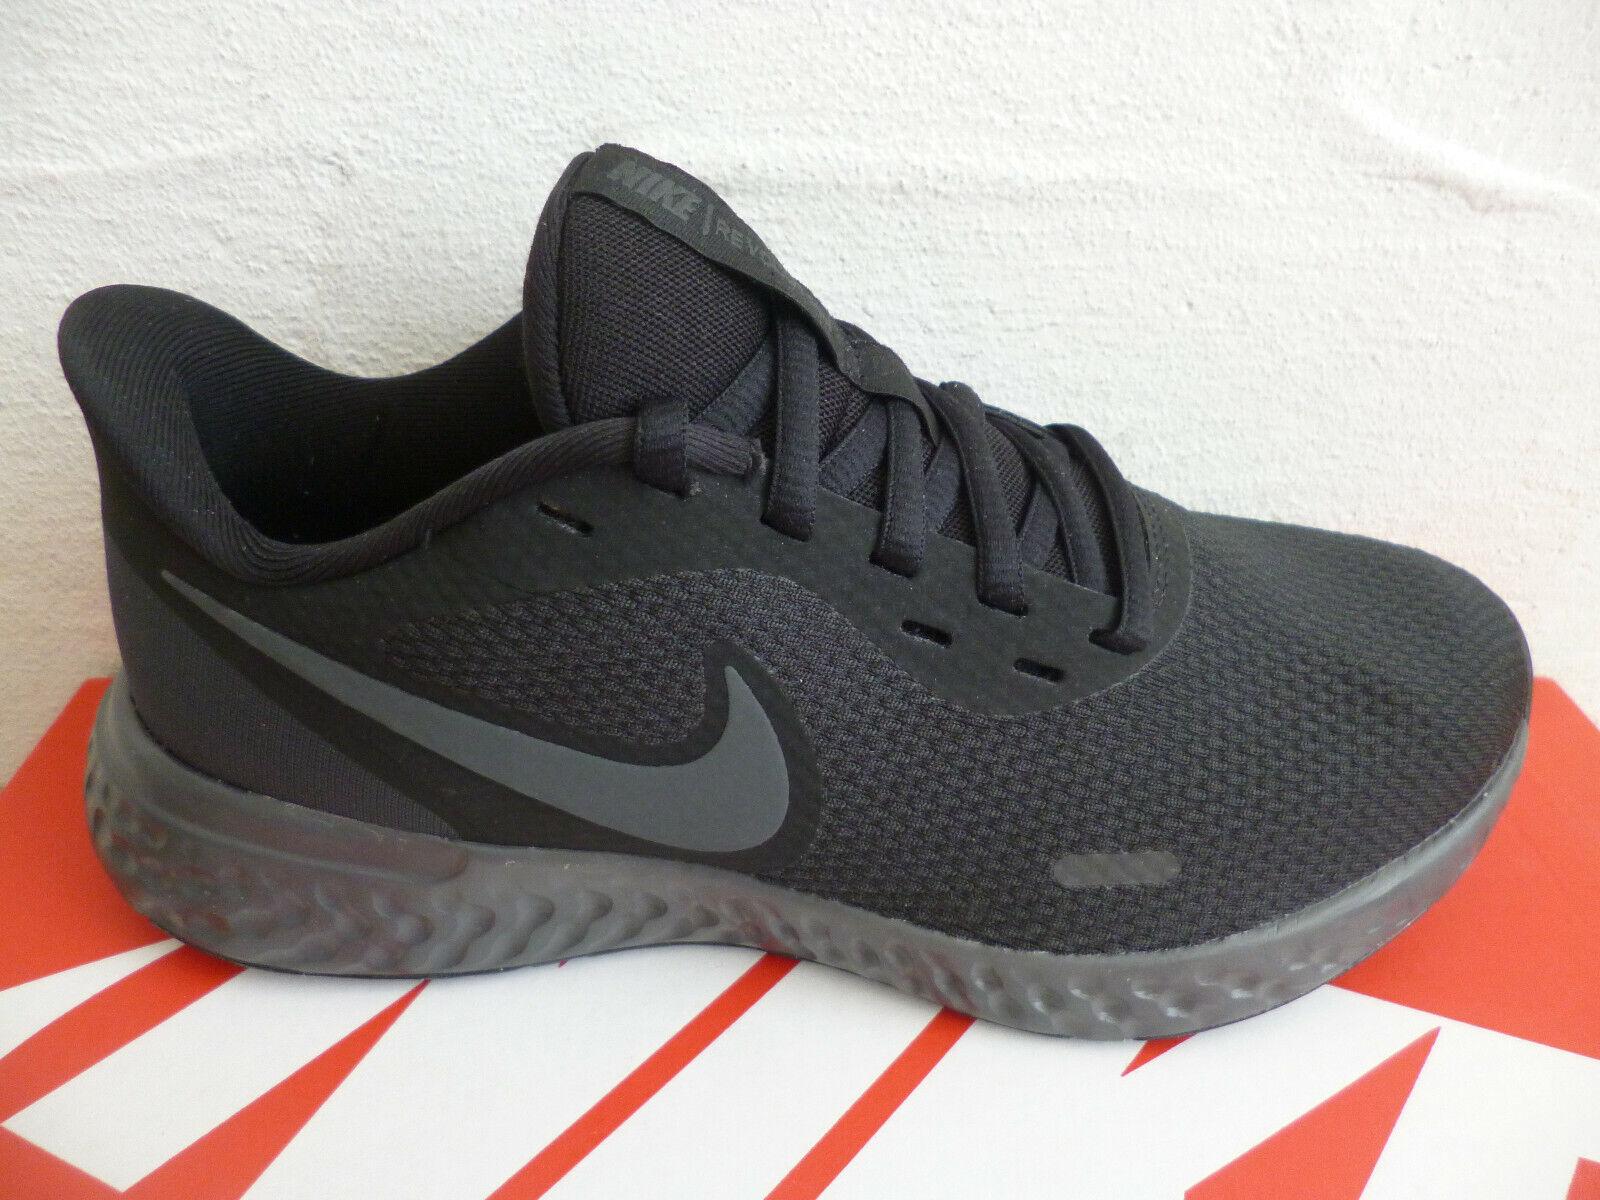 Nike Baskets Chaussures de Loisir Sport Course Basses Nouveau Noir